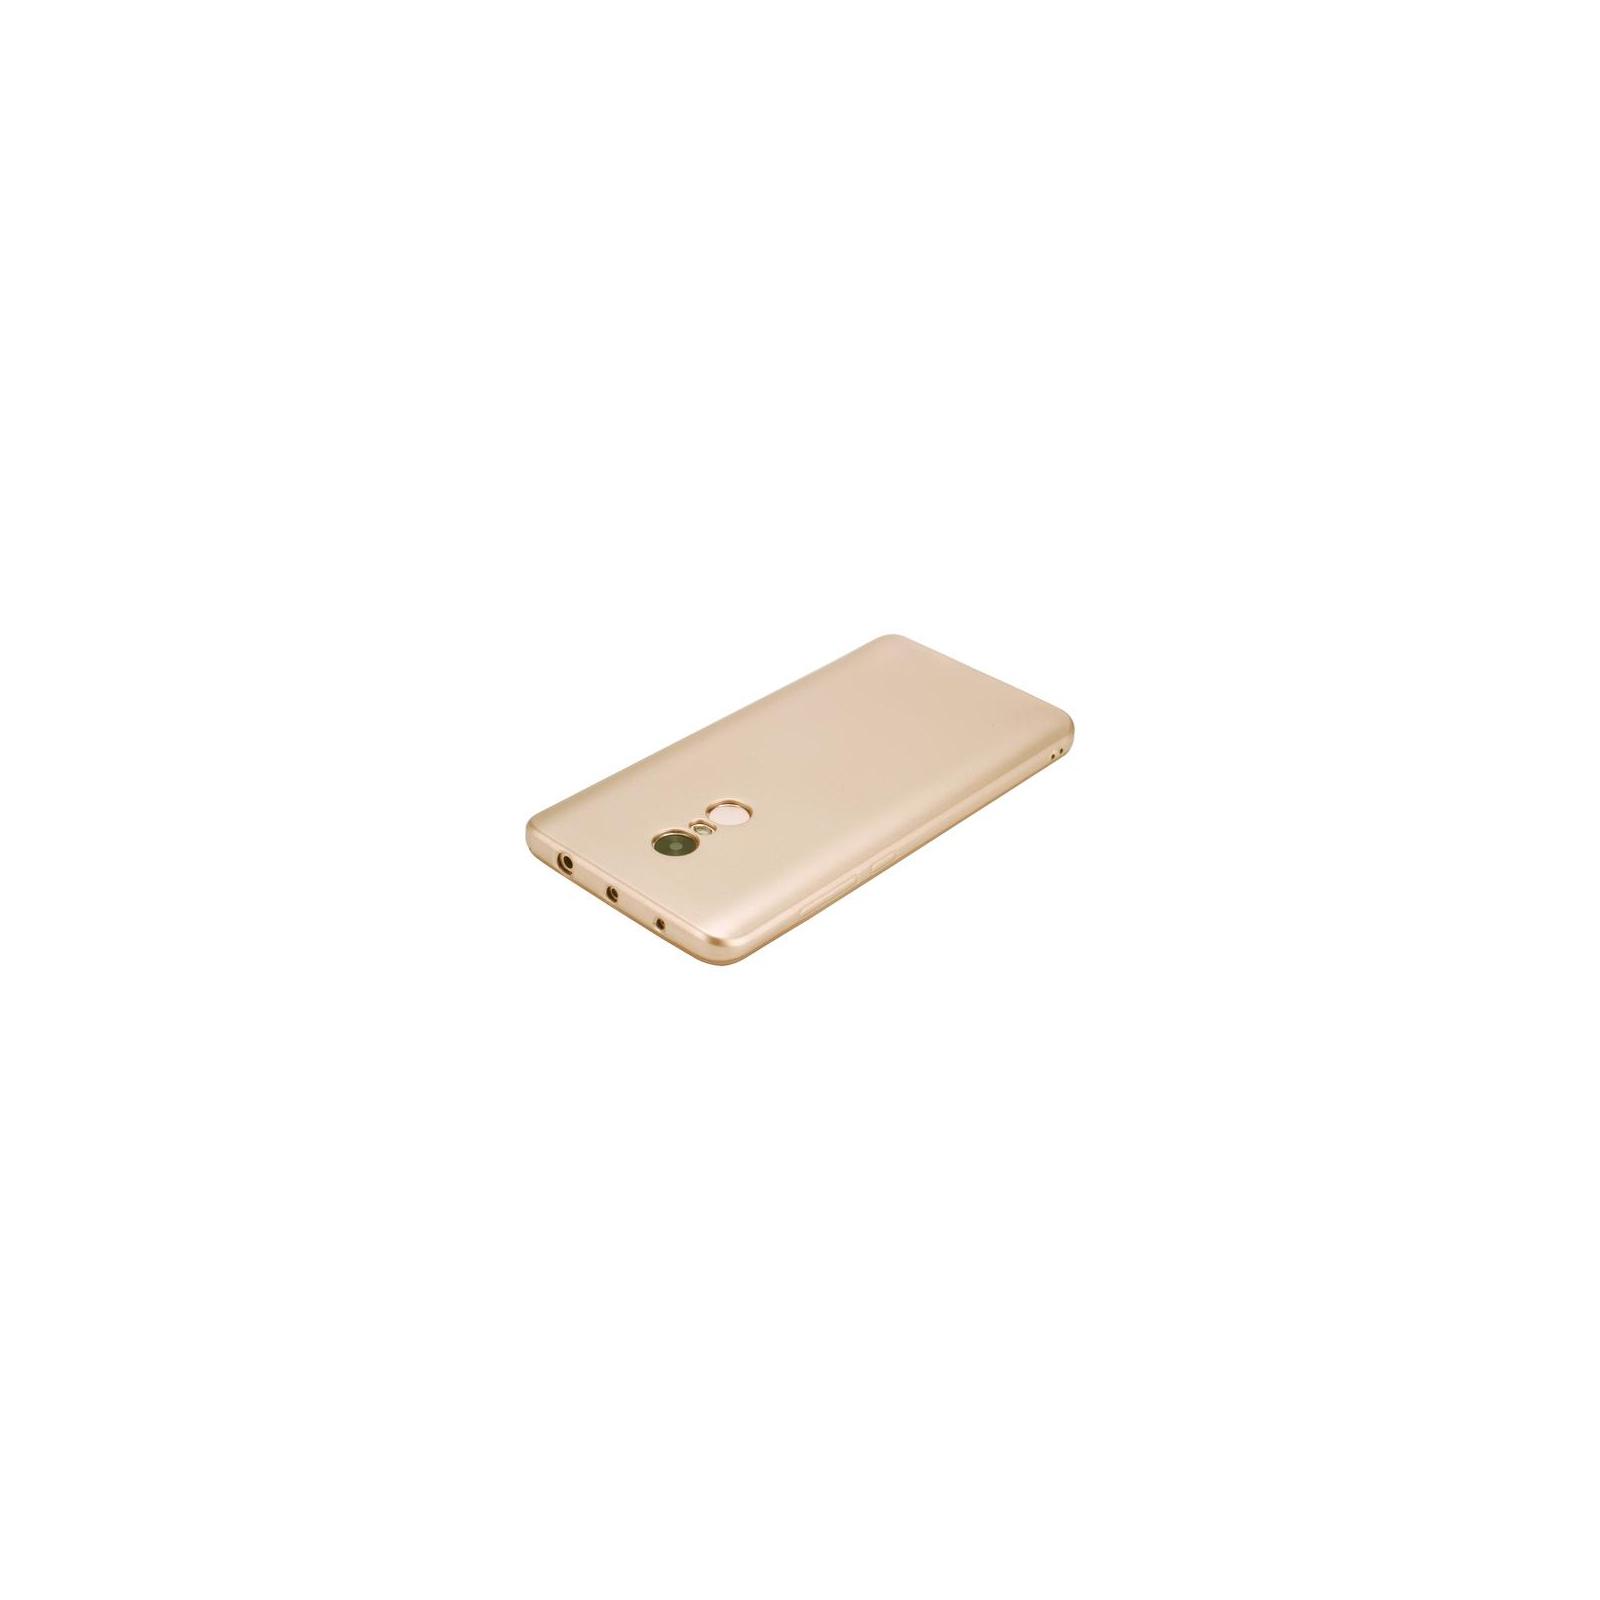 Чехол для моб. телефона T-Phox для XIAOMI REDMI NOTE 4 - SHINY (GOLD) (6361816) изображение 3